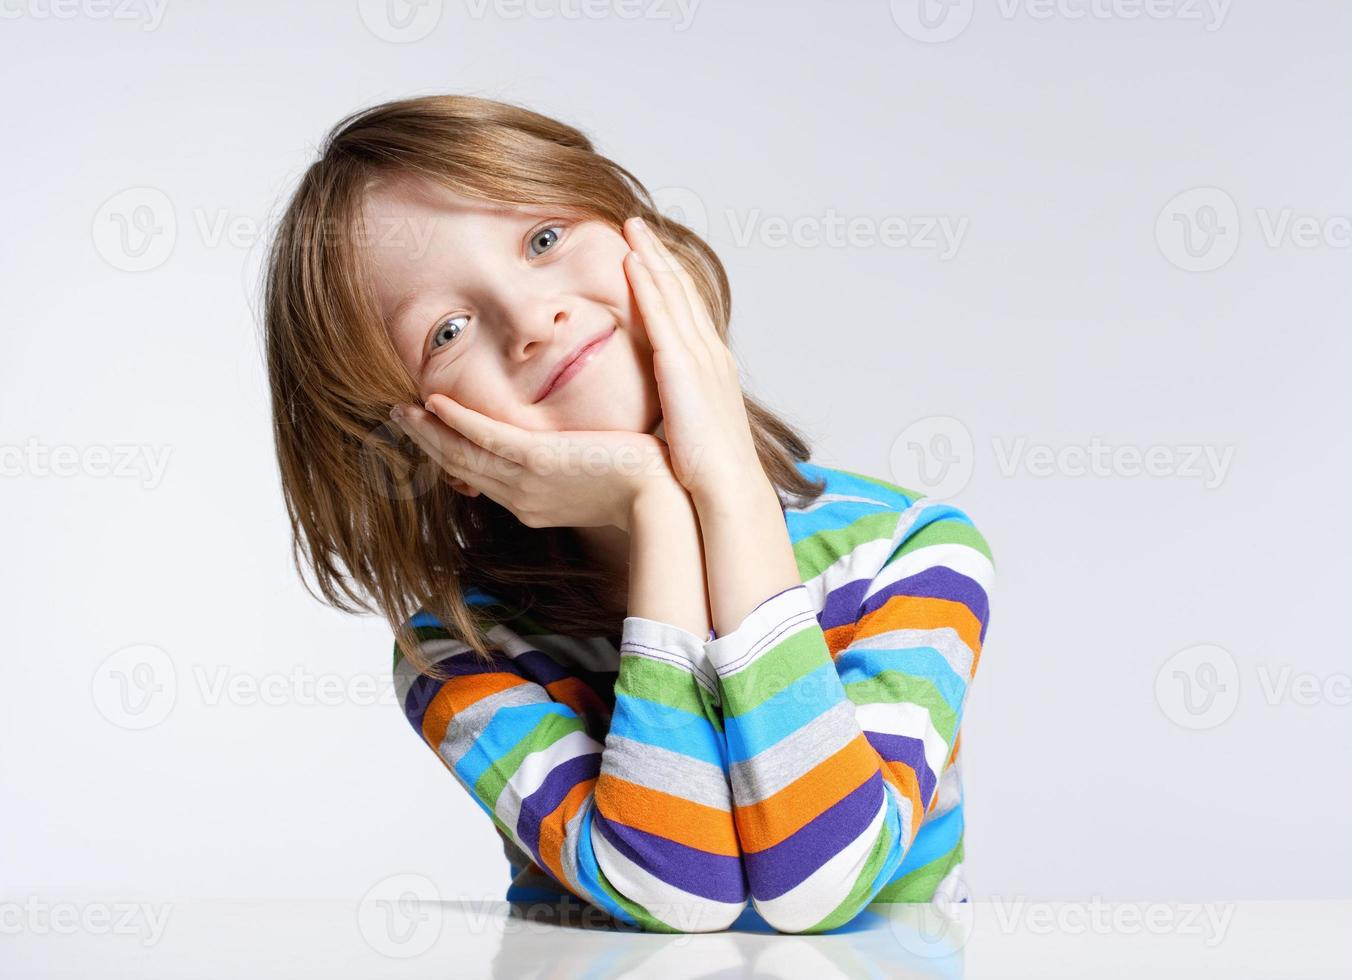 portret van een jongen met blond haar foto